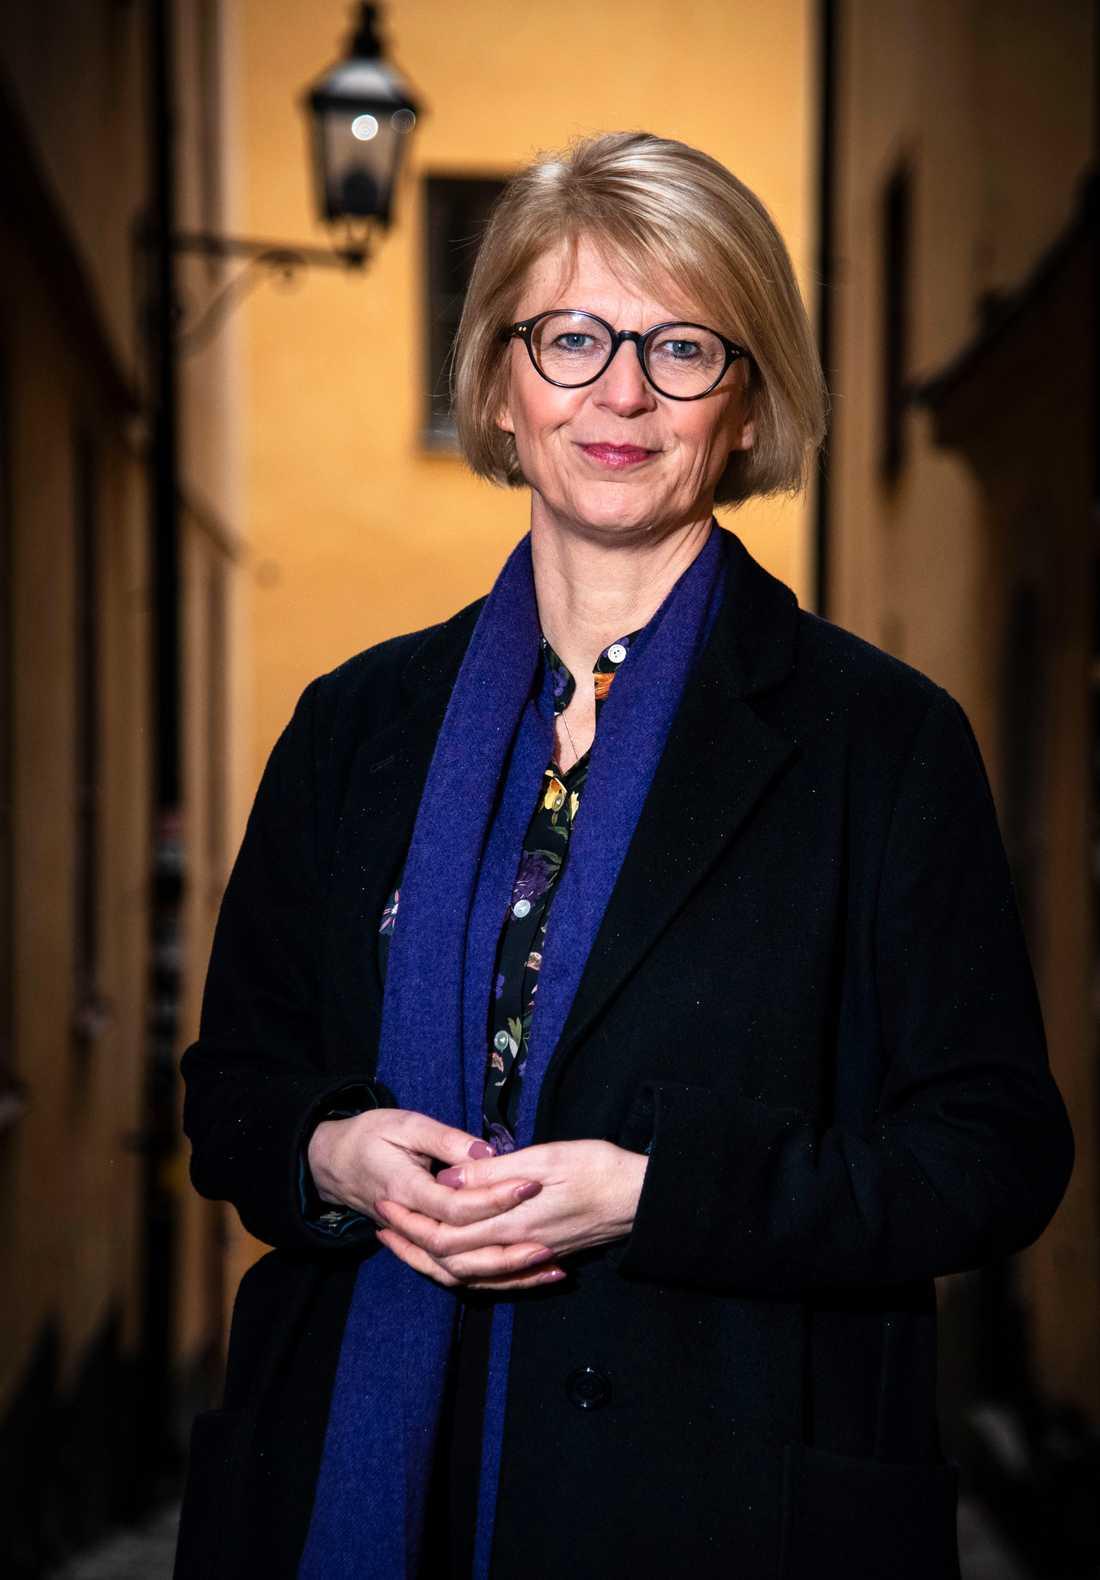 Ekonomiska talespersonen Elisabeth Svantesson (M) slår tillbaka efter kritiken mot nya budgeten.